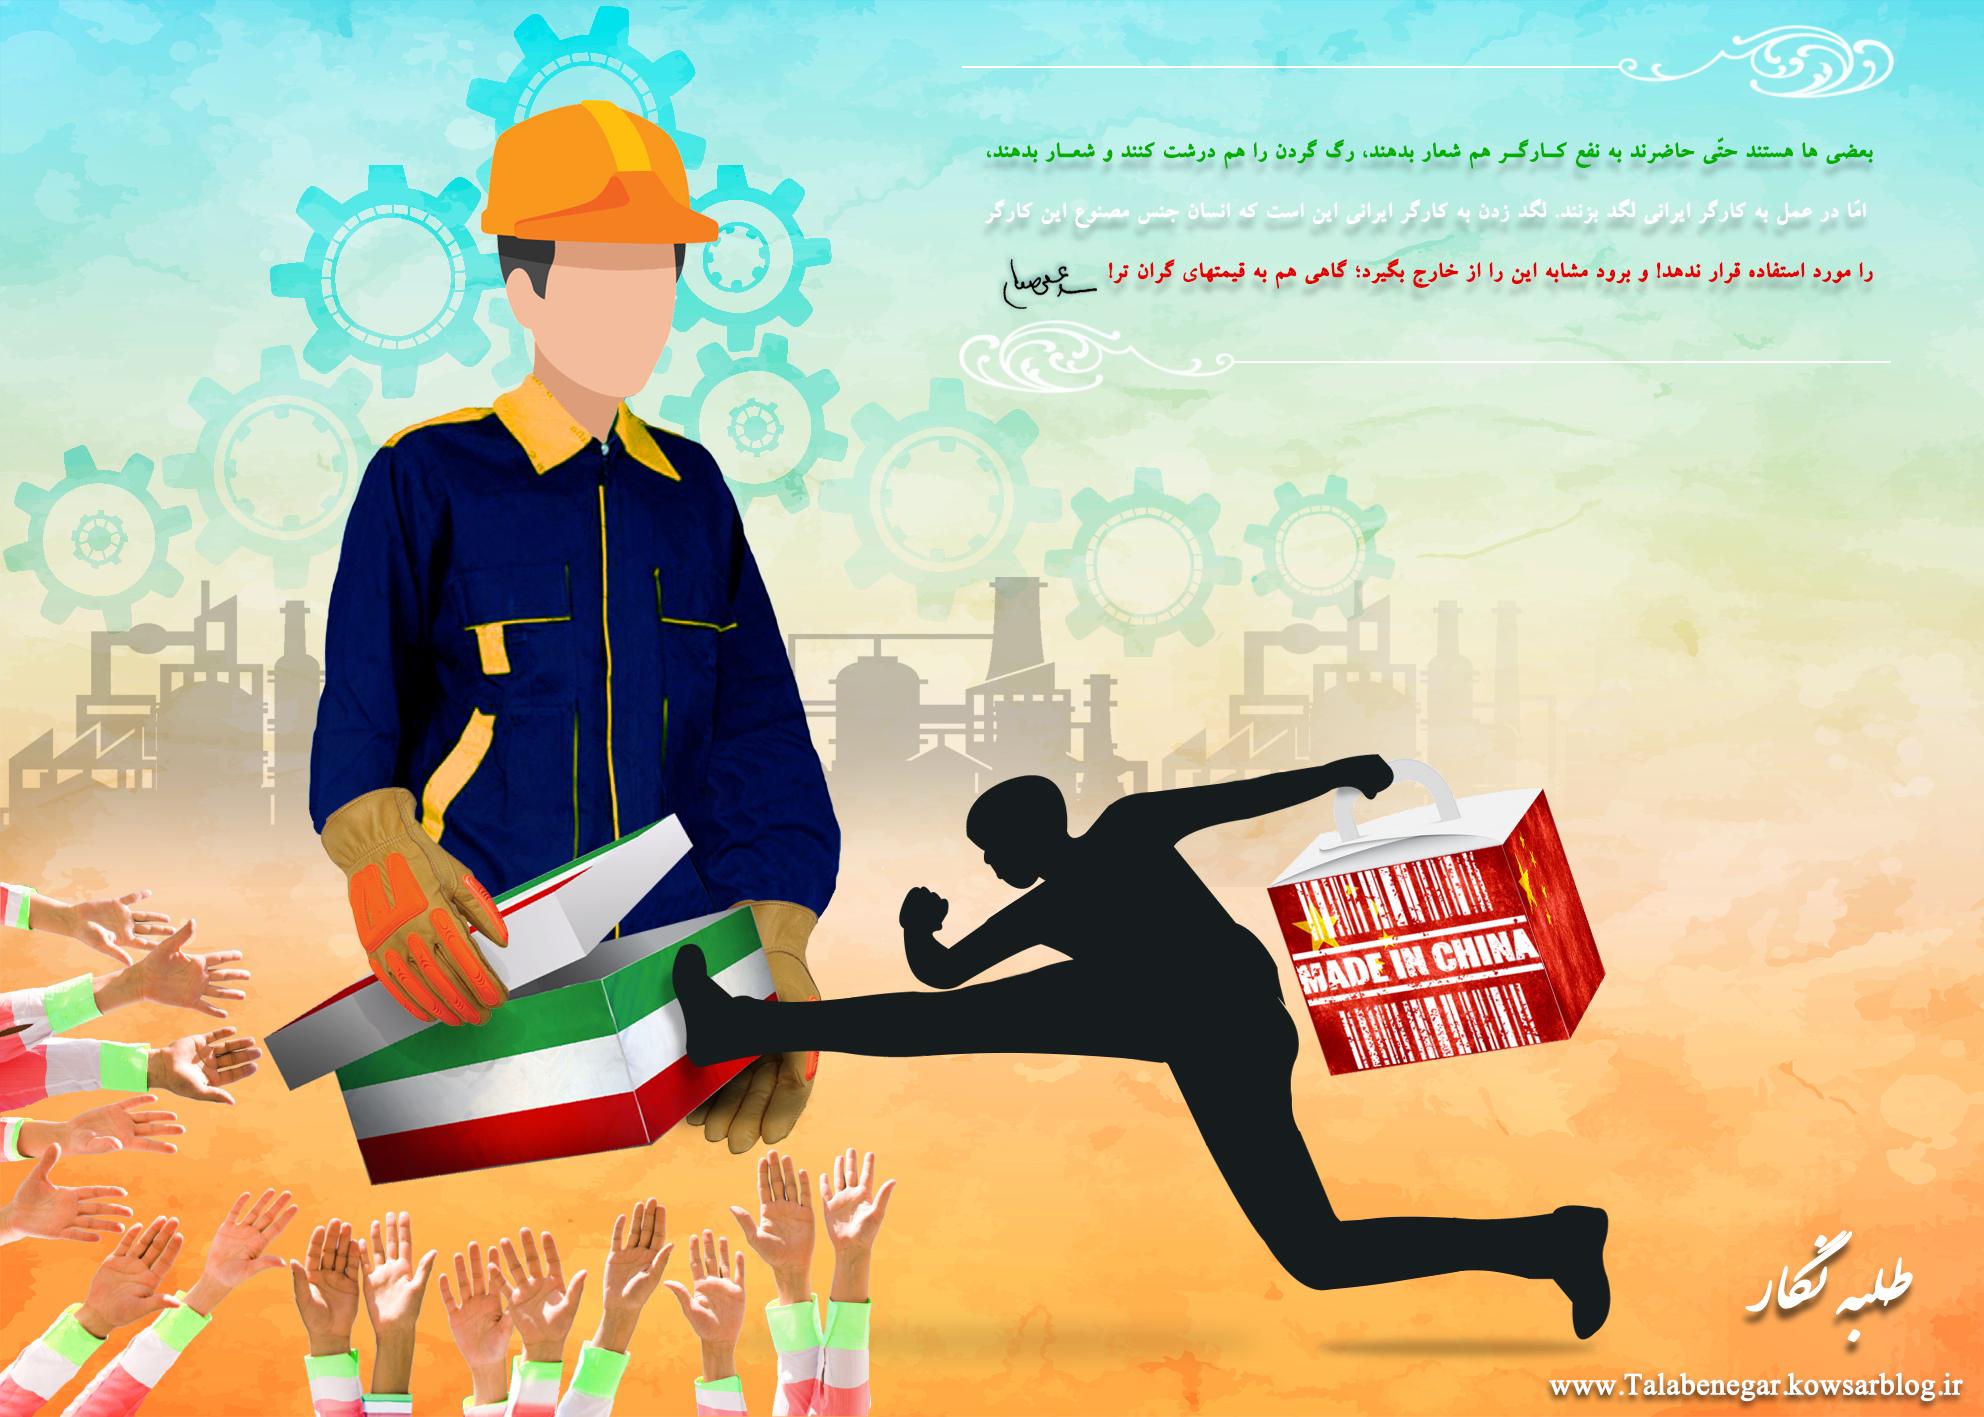 لگد به کارگر ایرانی